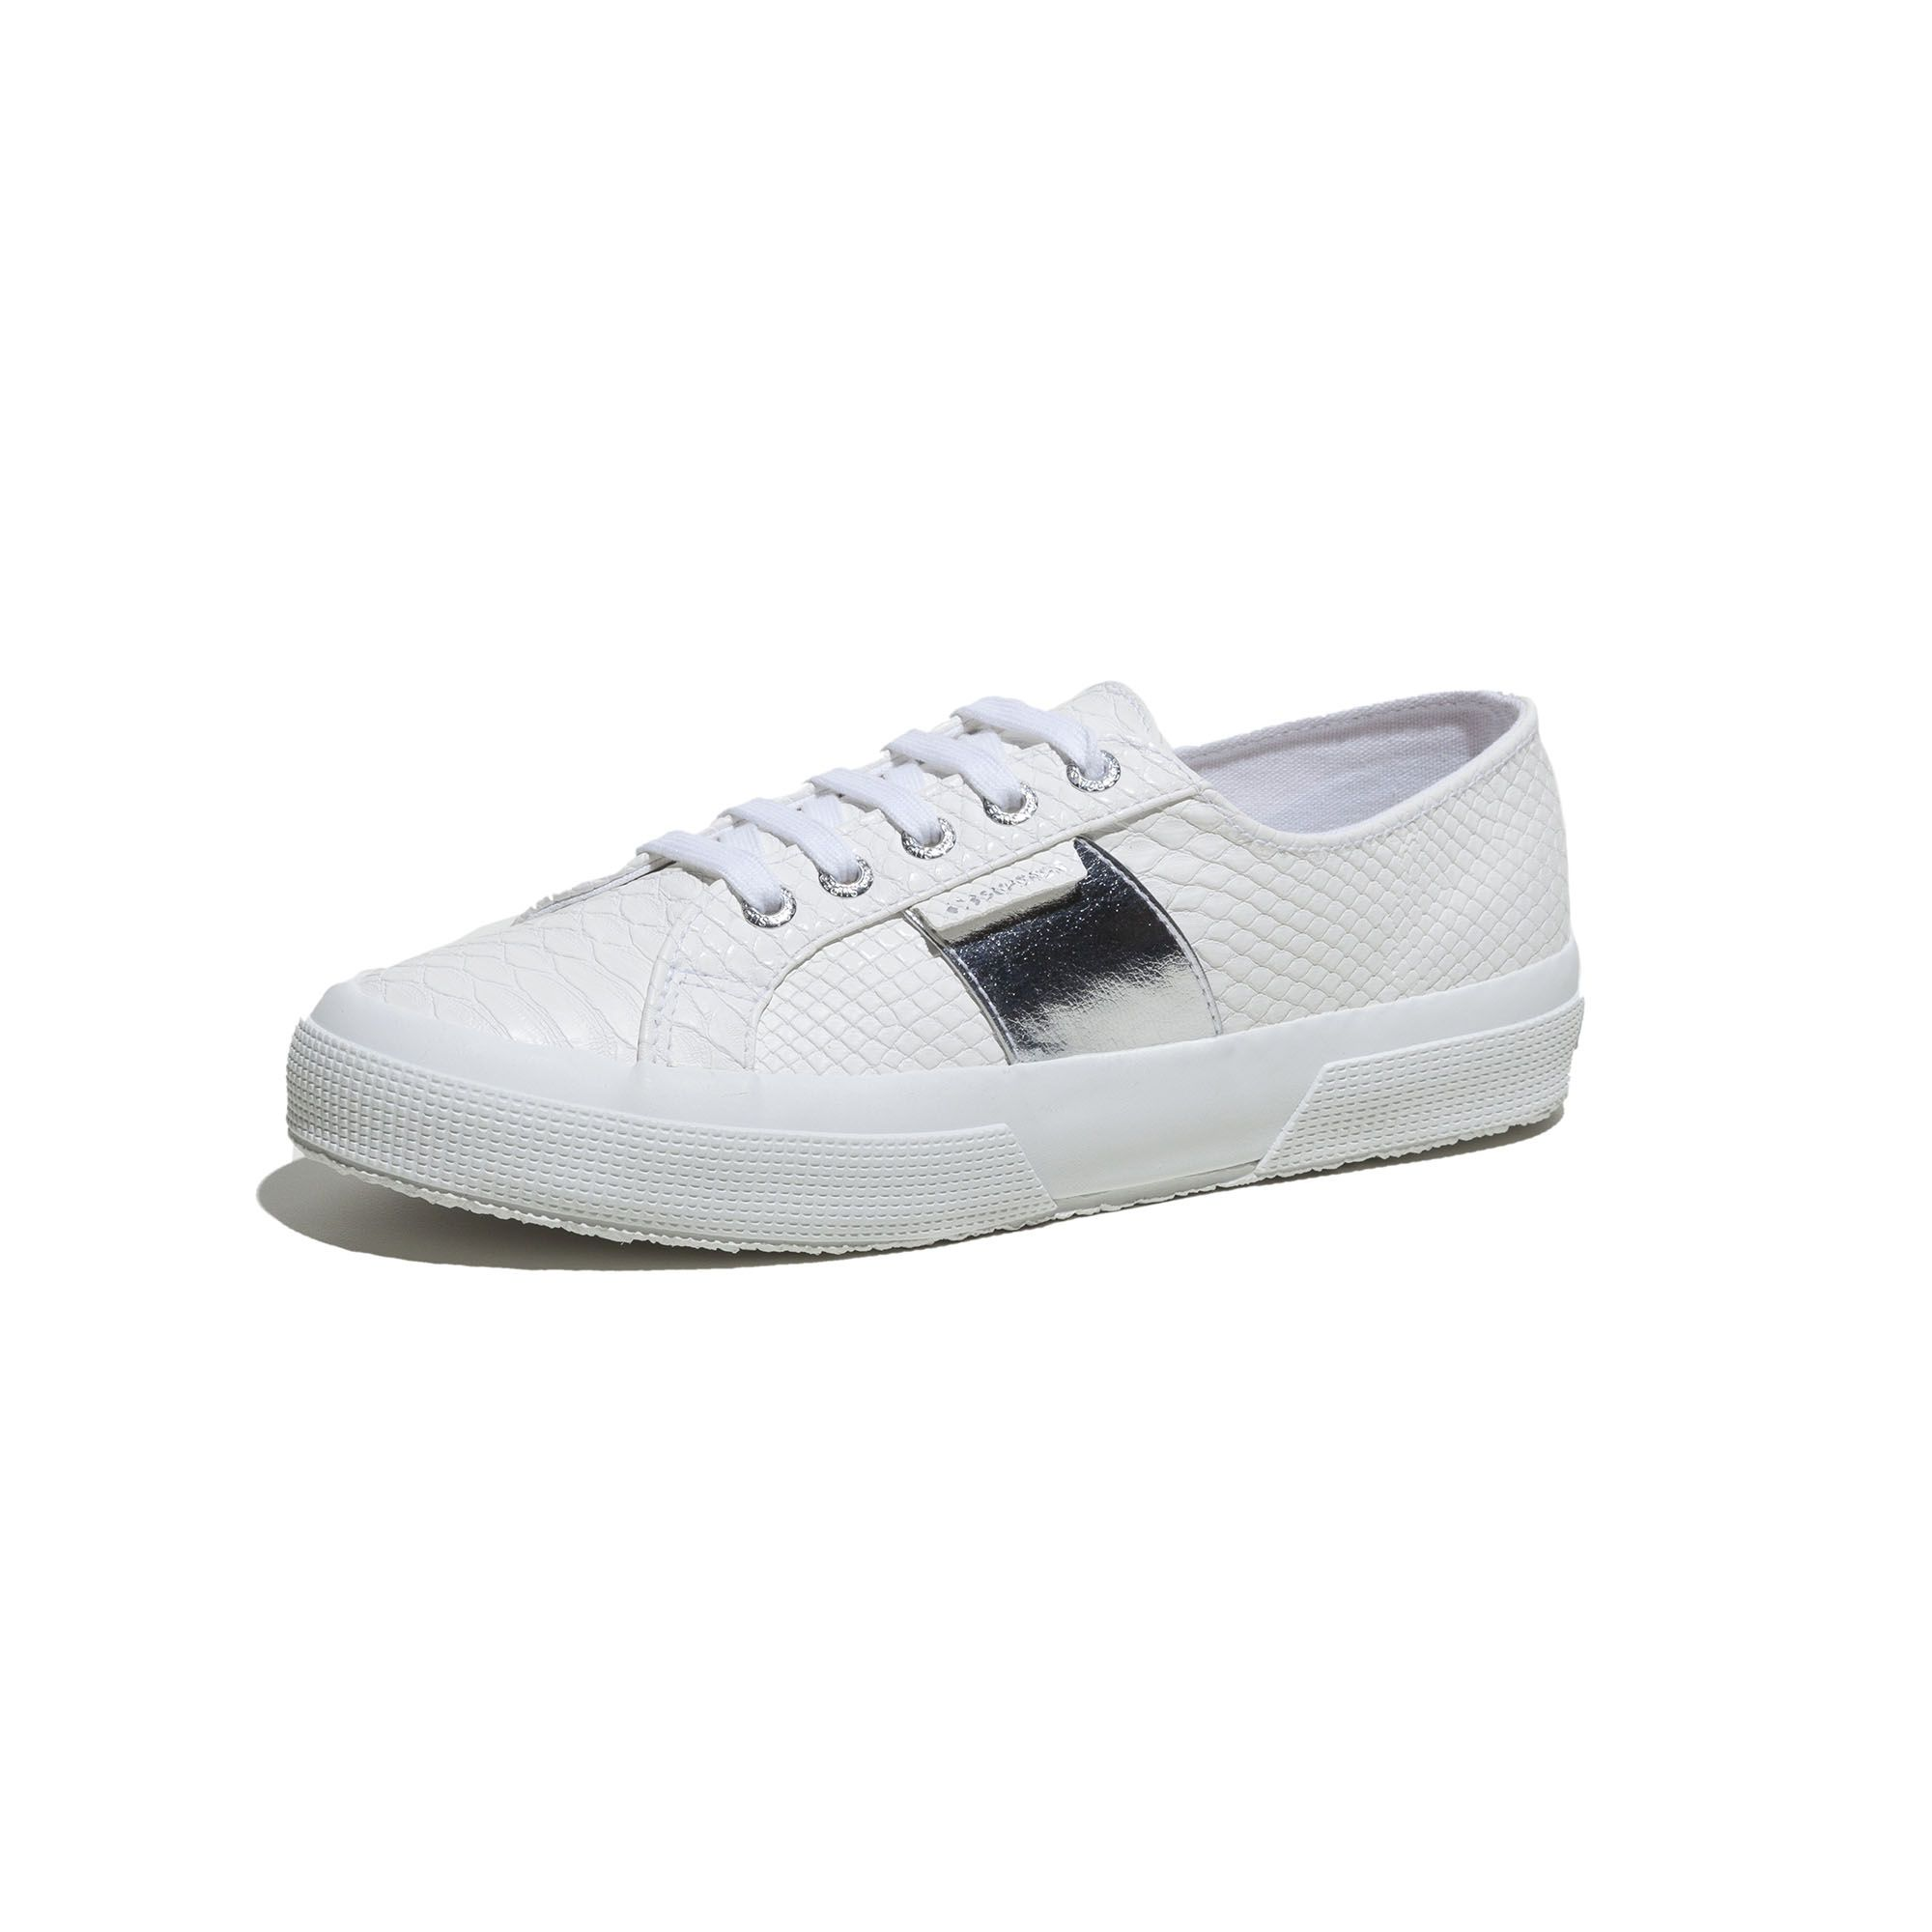 2750 PUSNAKEW WHITE